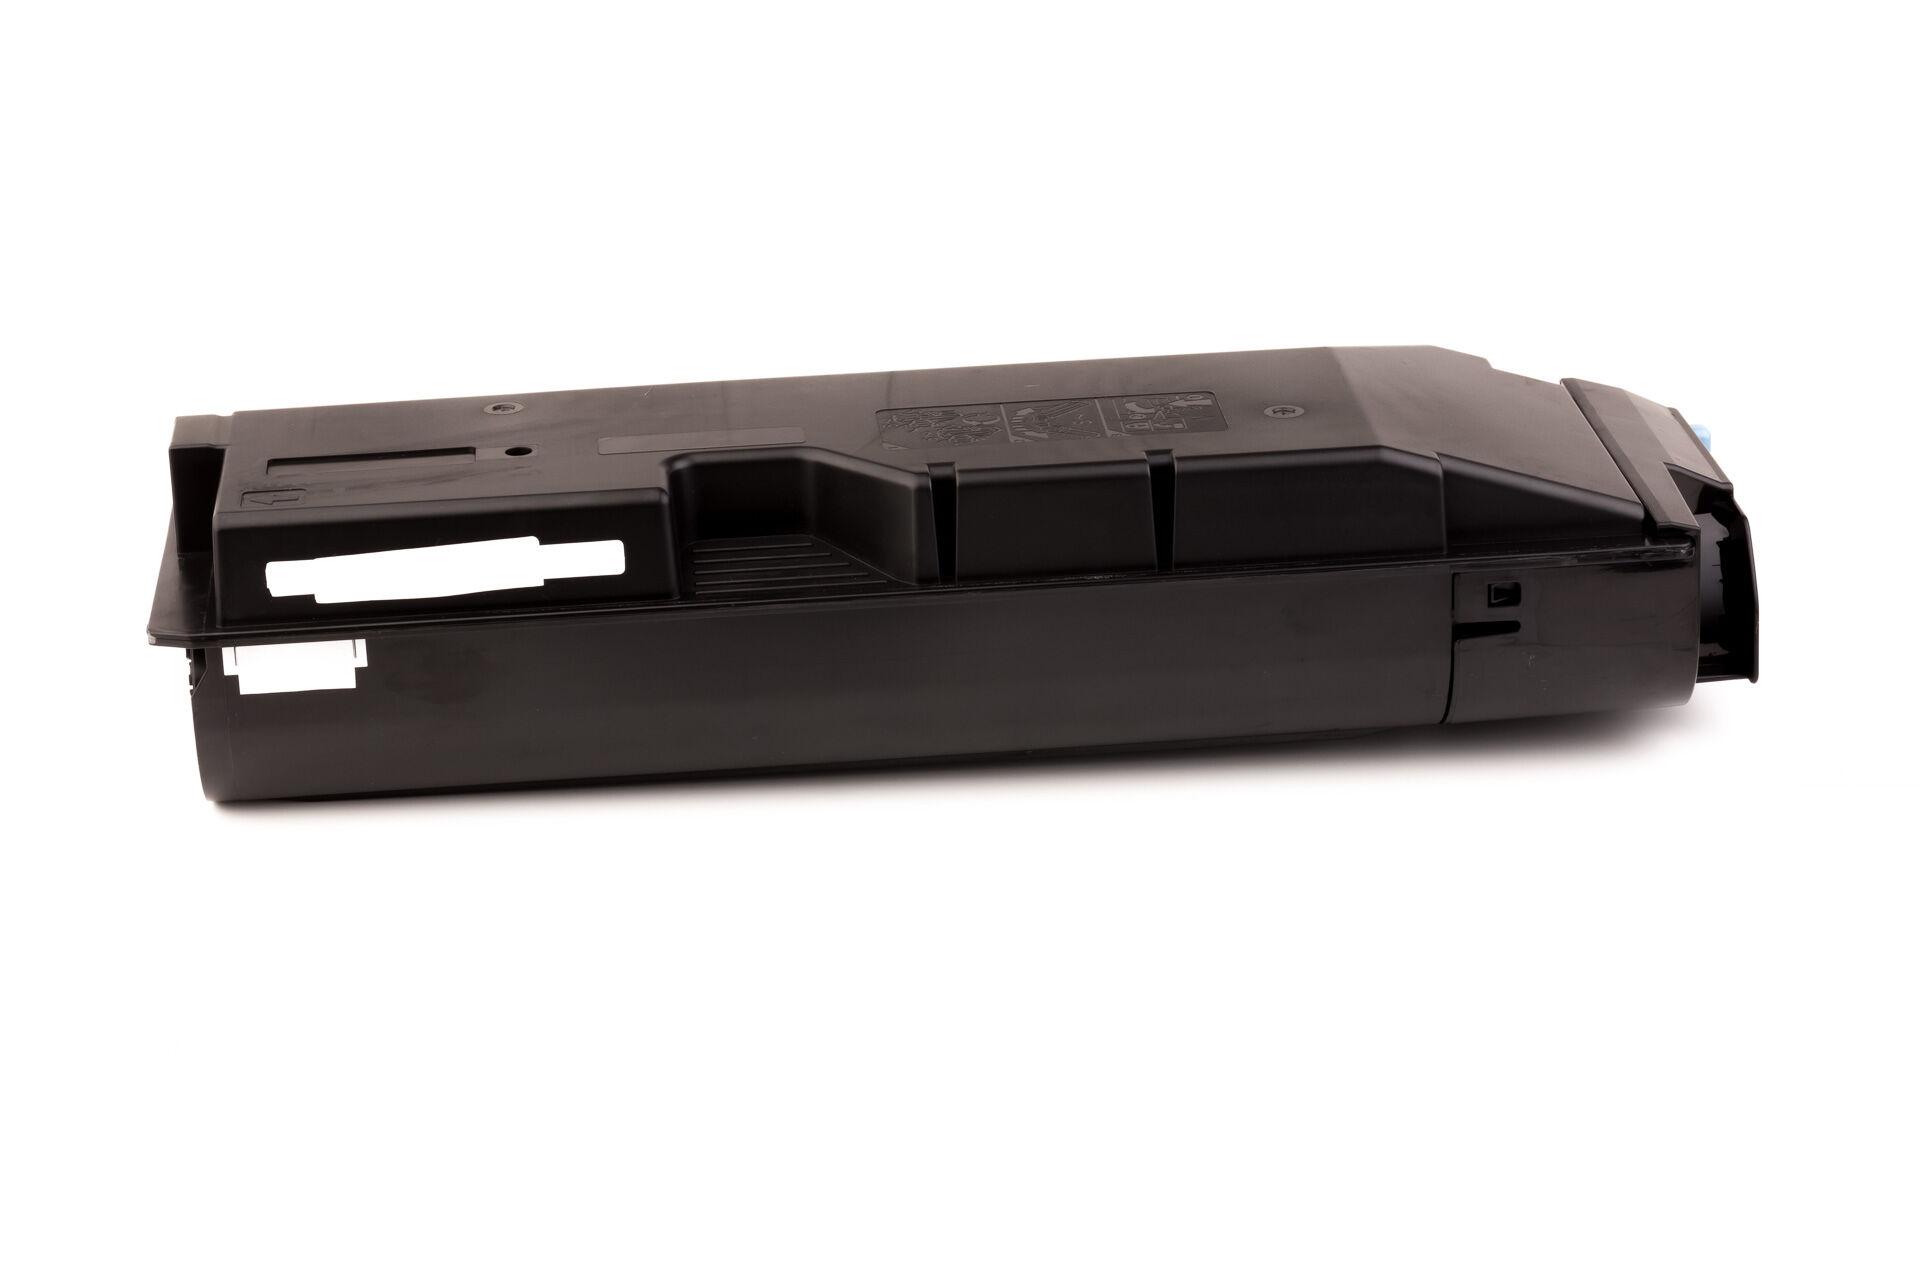 Kyocera Cartouche de Toner pour Kyocera 1T02LH0NL1 / TK-6305 noir compatible (de marque ASC)